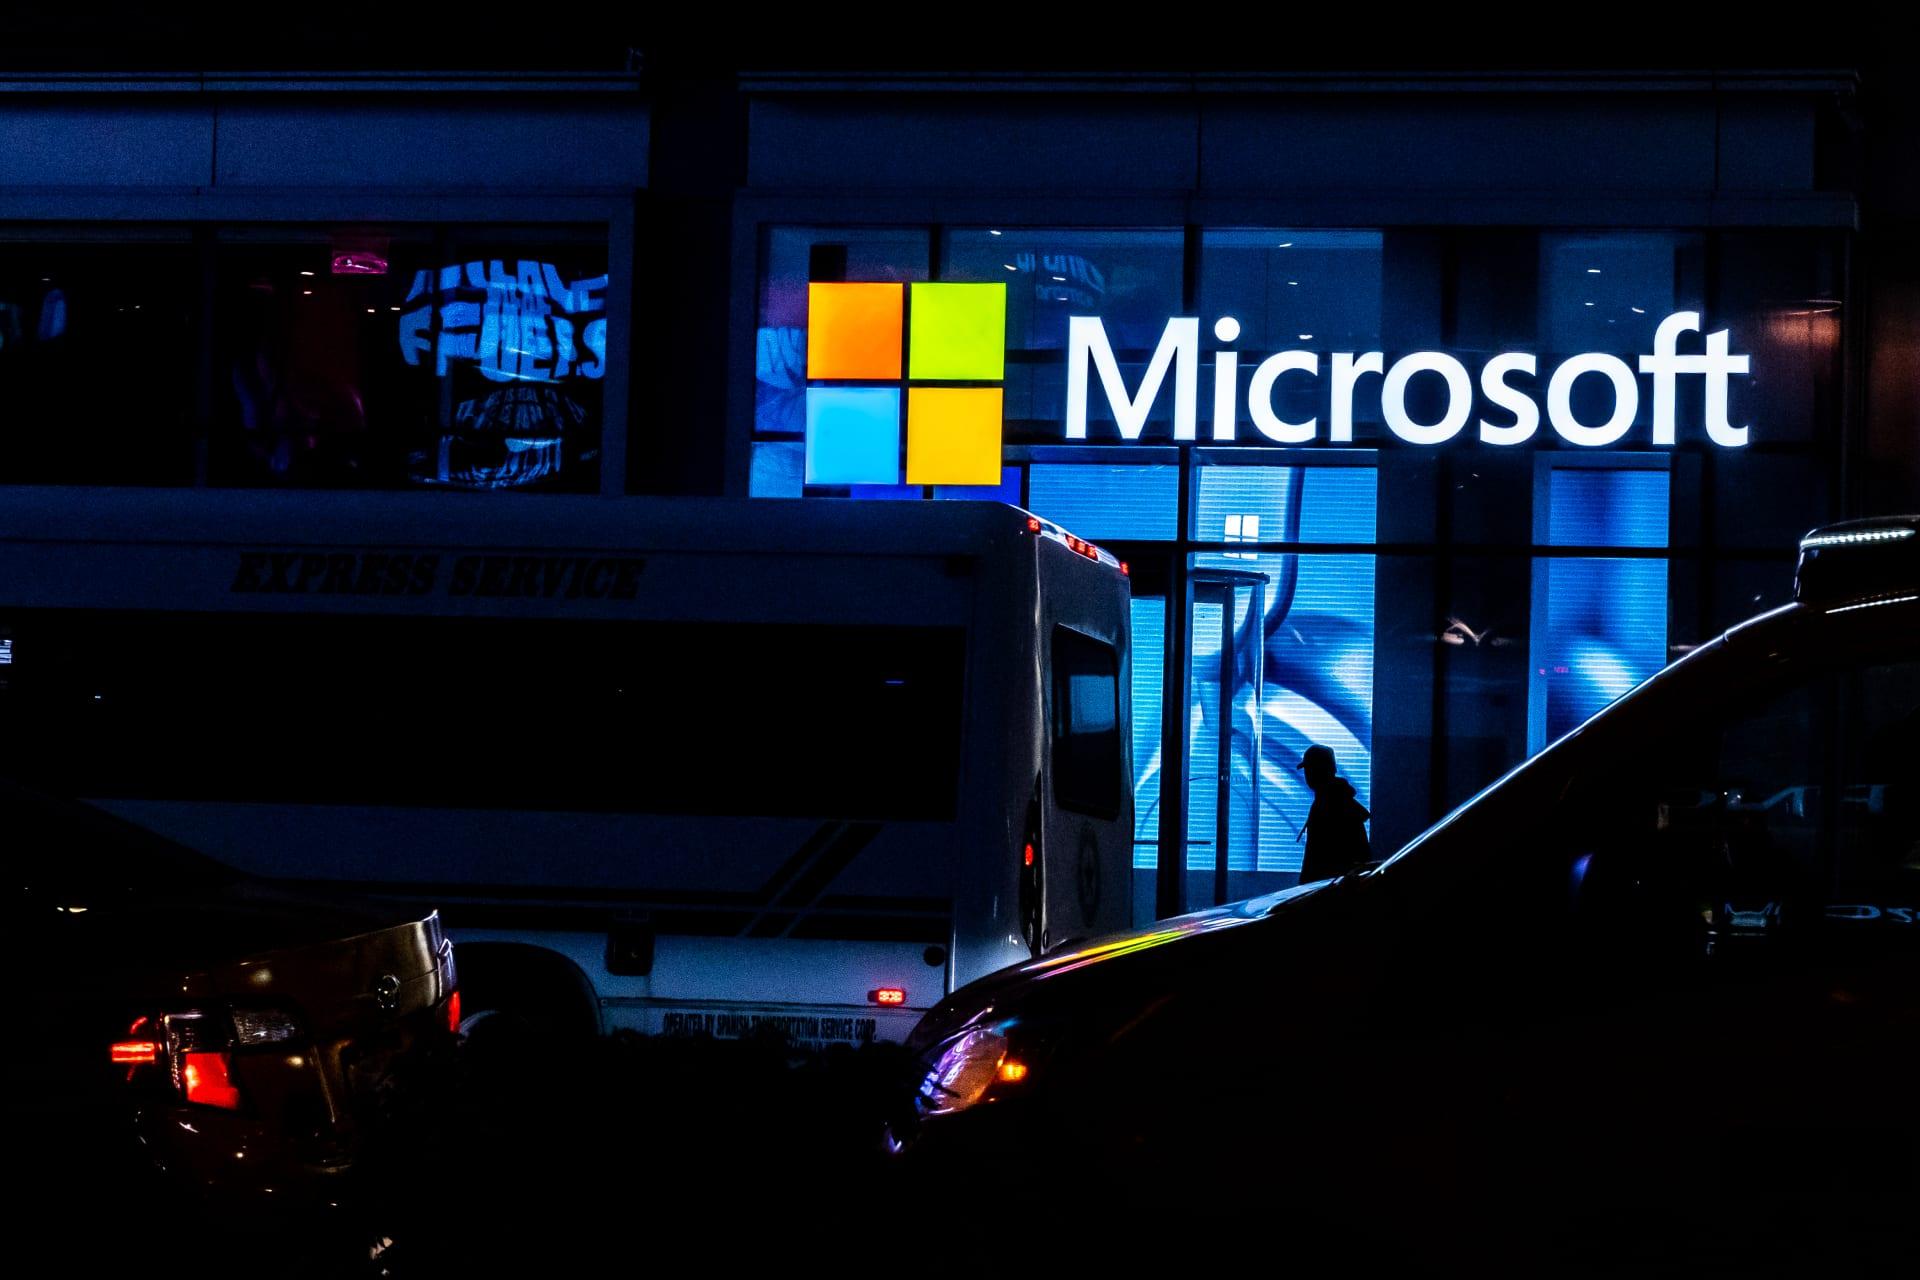 مايكروسوفت تمنح موظفيها من الآباء 12 أسبوعًا مدفوعًا الأجر